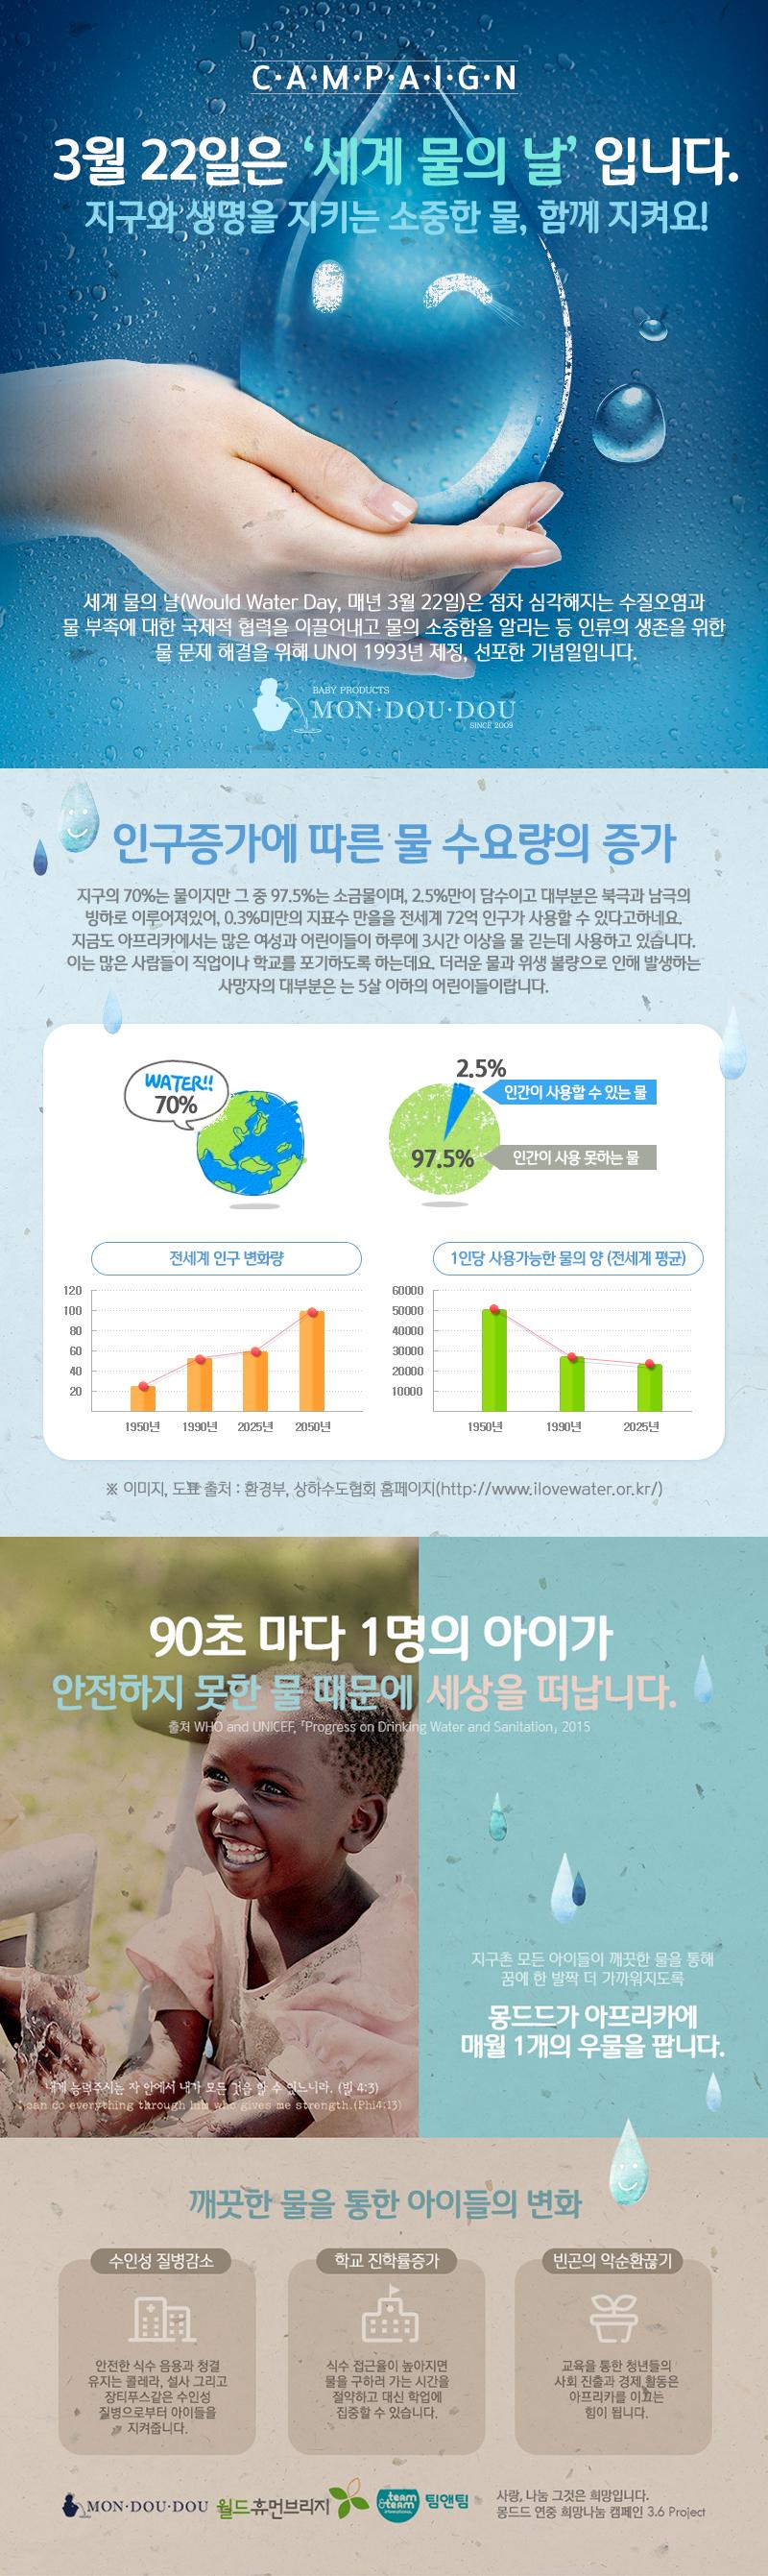 공지사항-[Campaign] '지구와 생명을 지키는 소중한 물, 함께